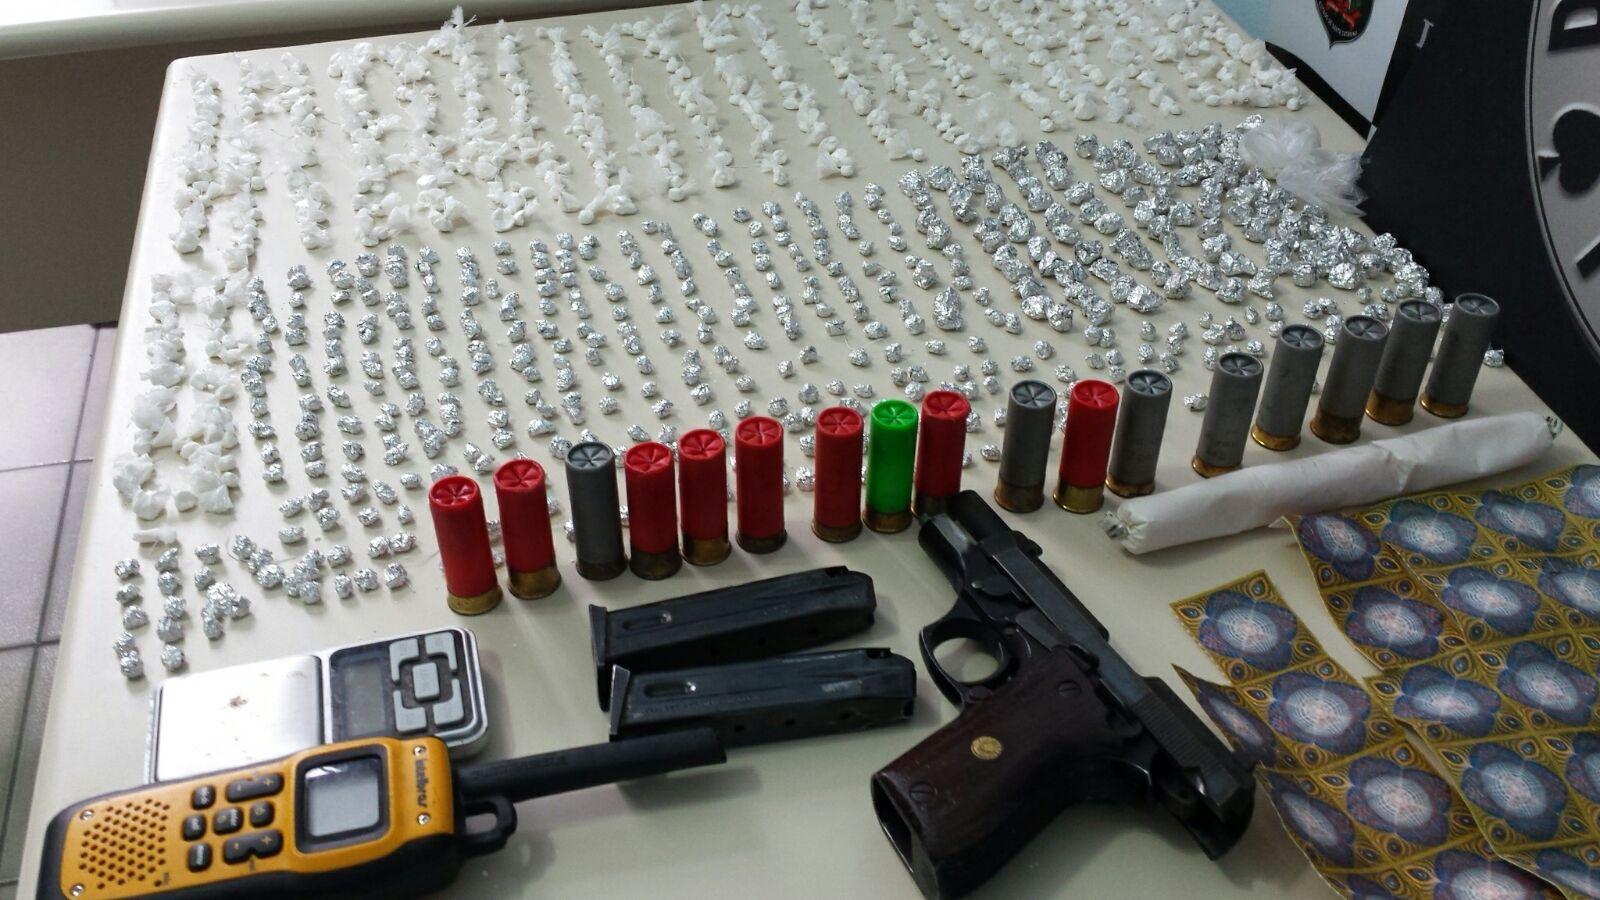 operaçao-pm-policia-civil-drogas-3